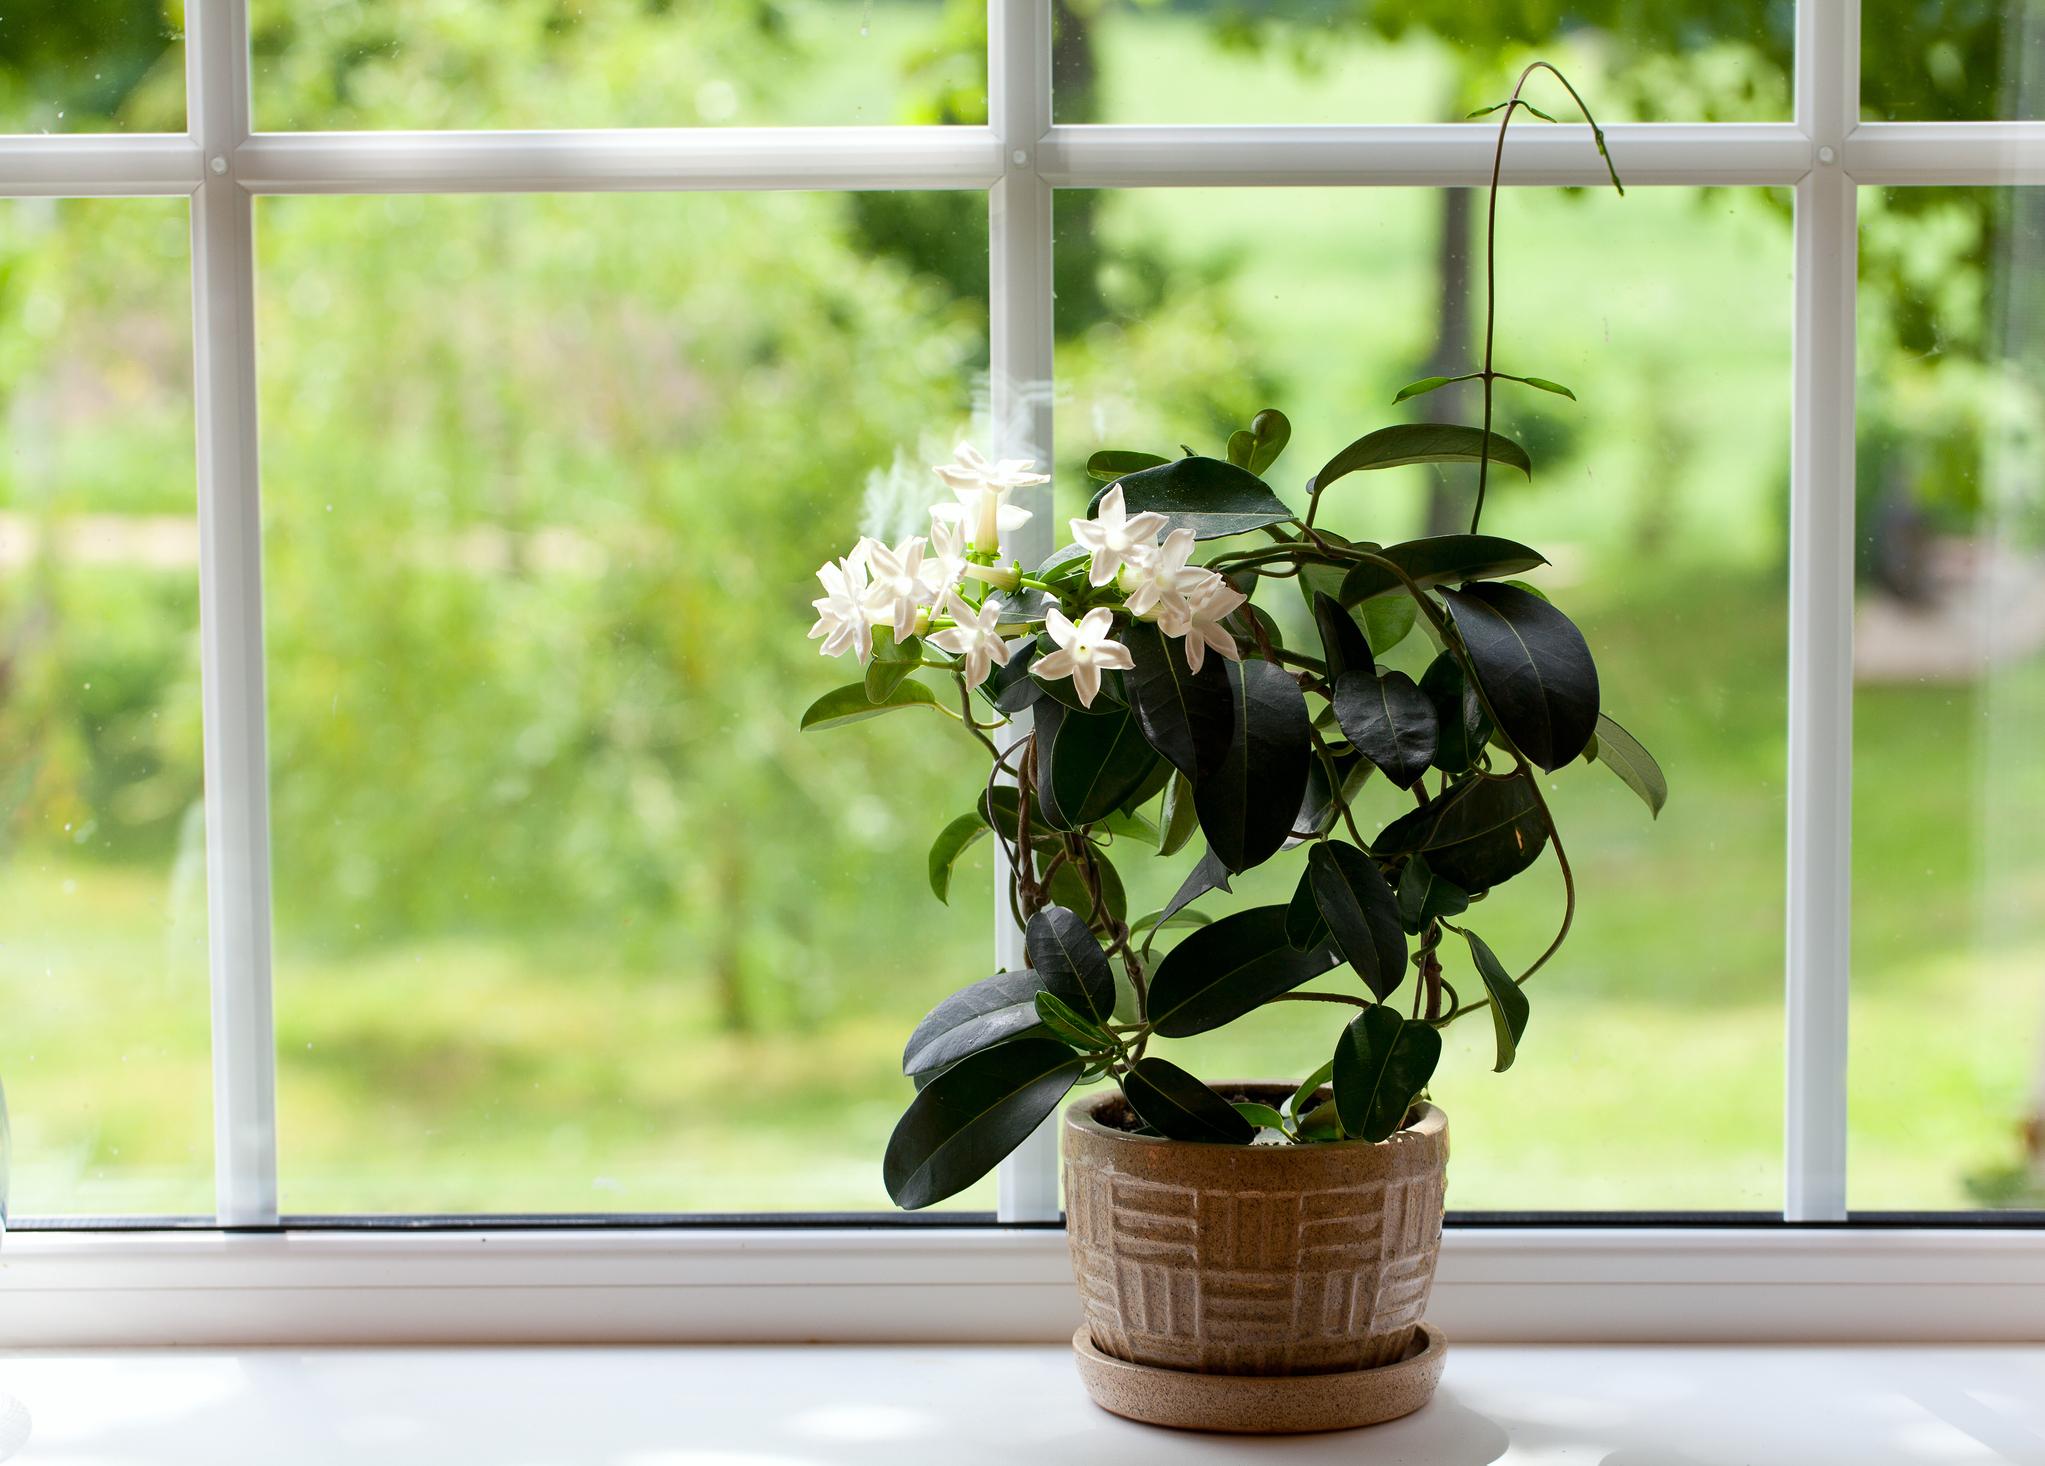 Жасмин: Това екзотично растение има лек, успокояващ ефект върху тялото и ума. Изследване доказва намаляване на нивата на тревожност, което неминуемо води до по-добро качество на съня. Освен това се повишава бдителността и производителността през деня.